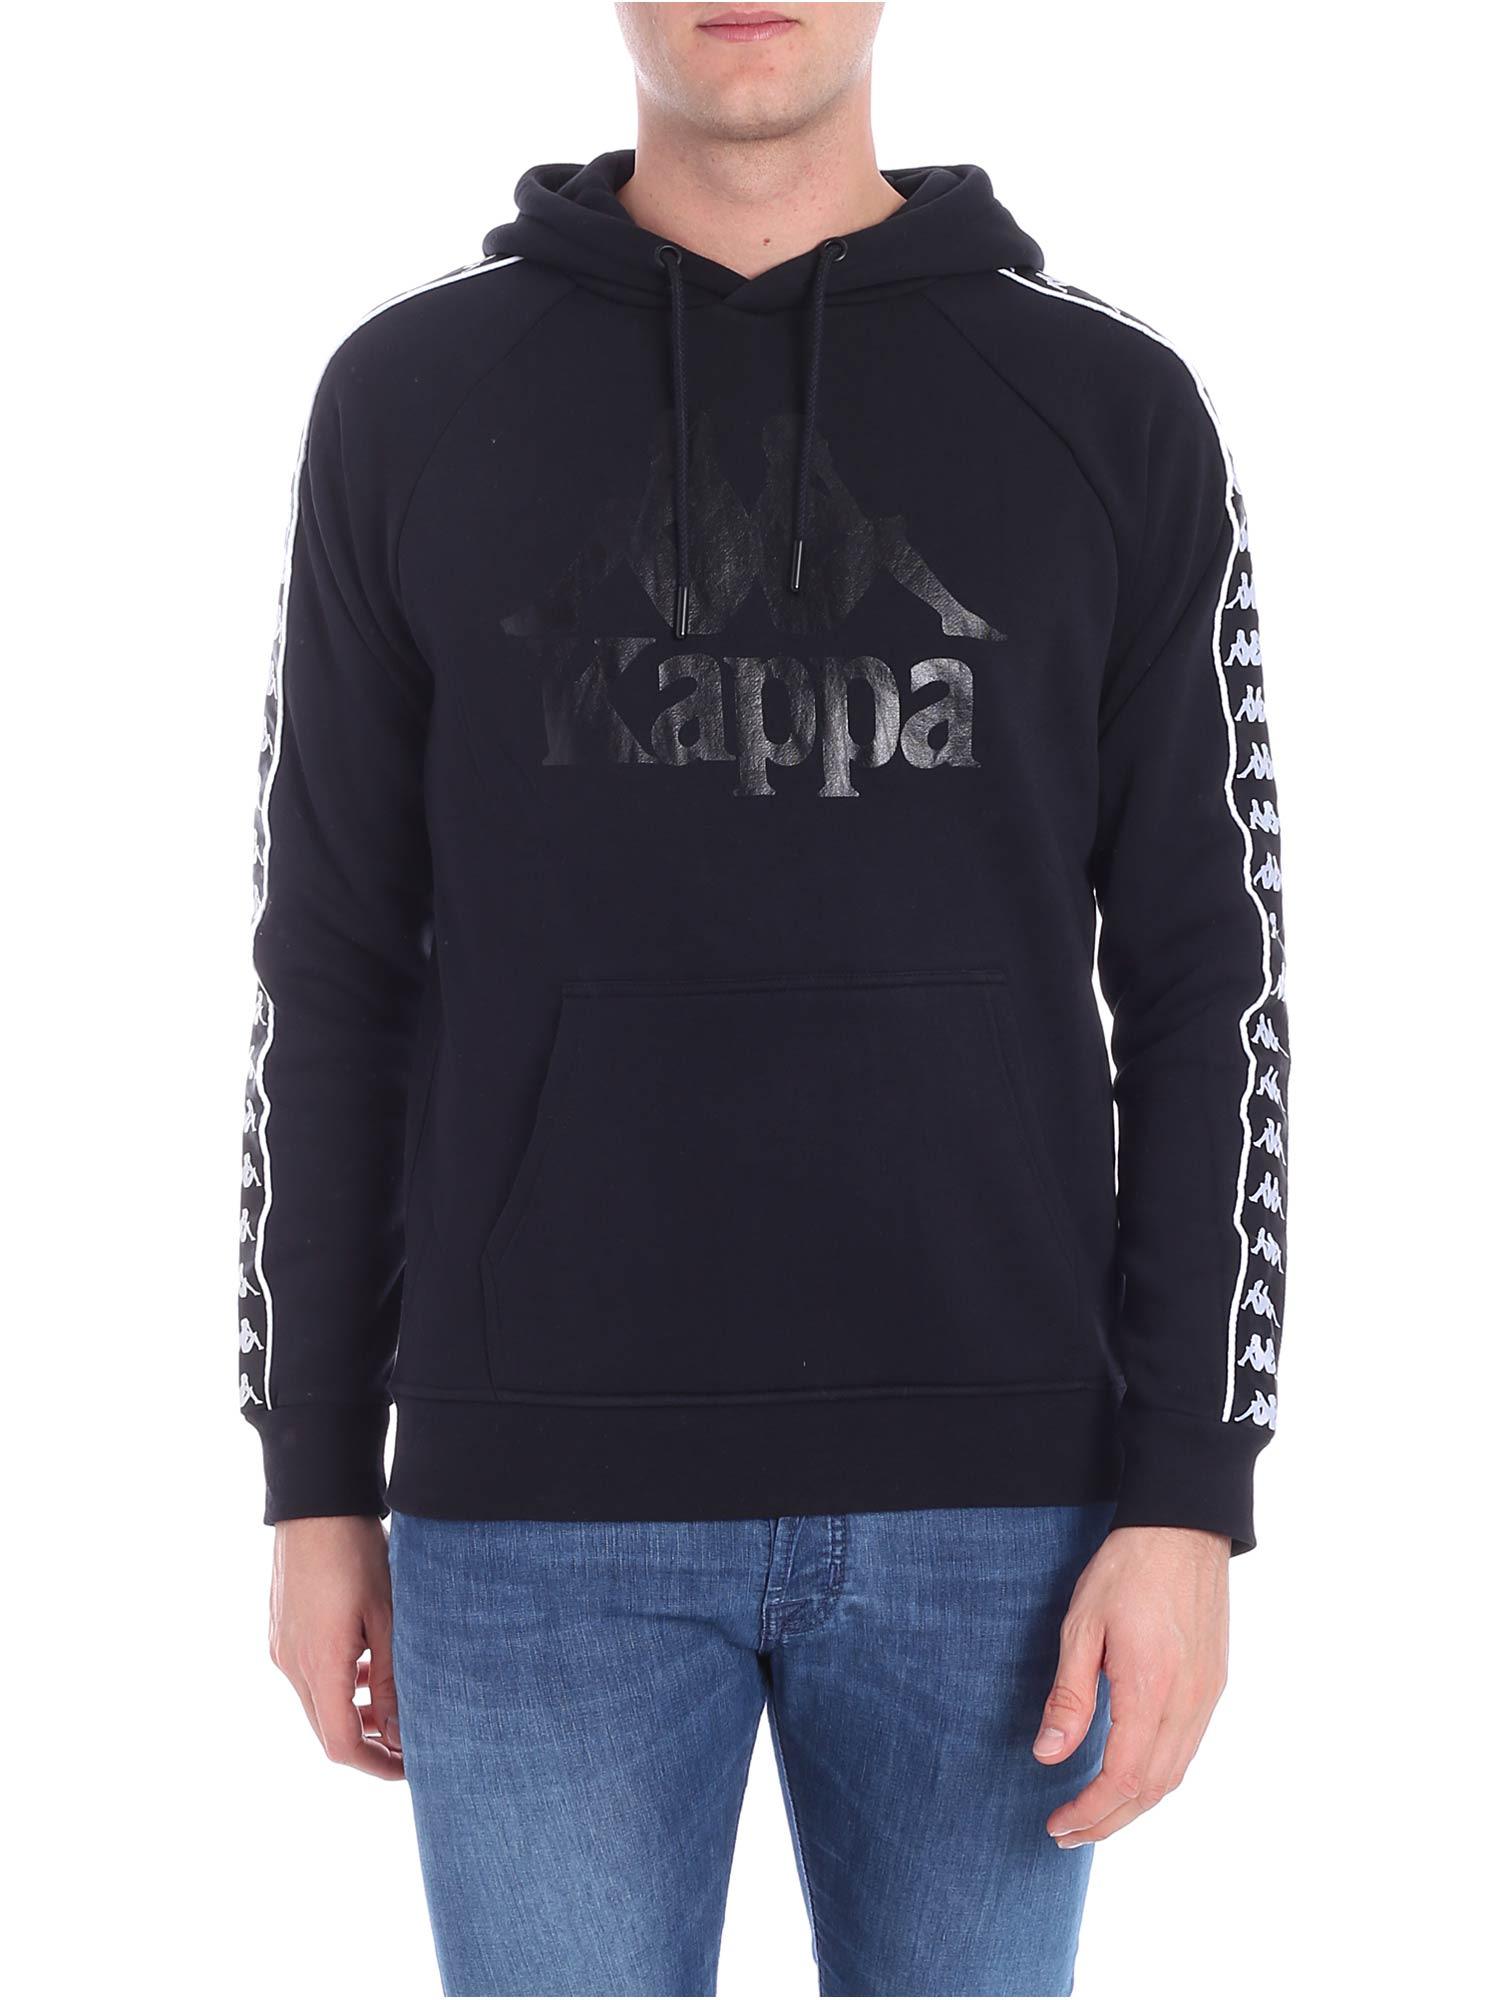 Kappa Cotton Blend Banda Hurtado Sweatshirt